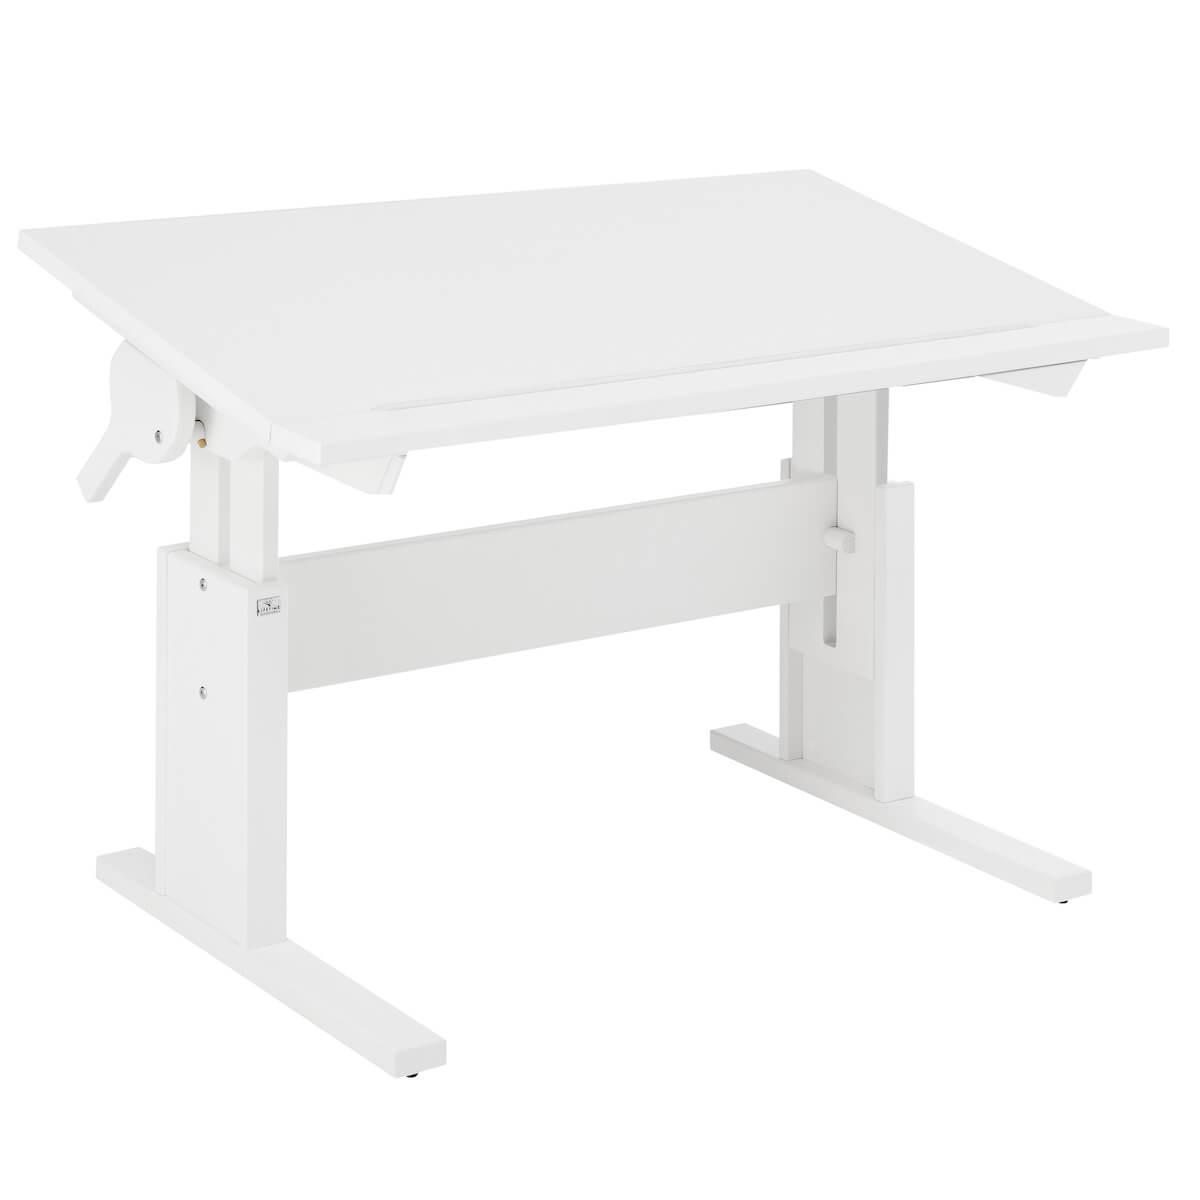 Schreibtisch höhenverstellbar+neibar 120cm Lifetime weiß